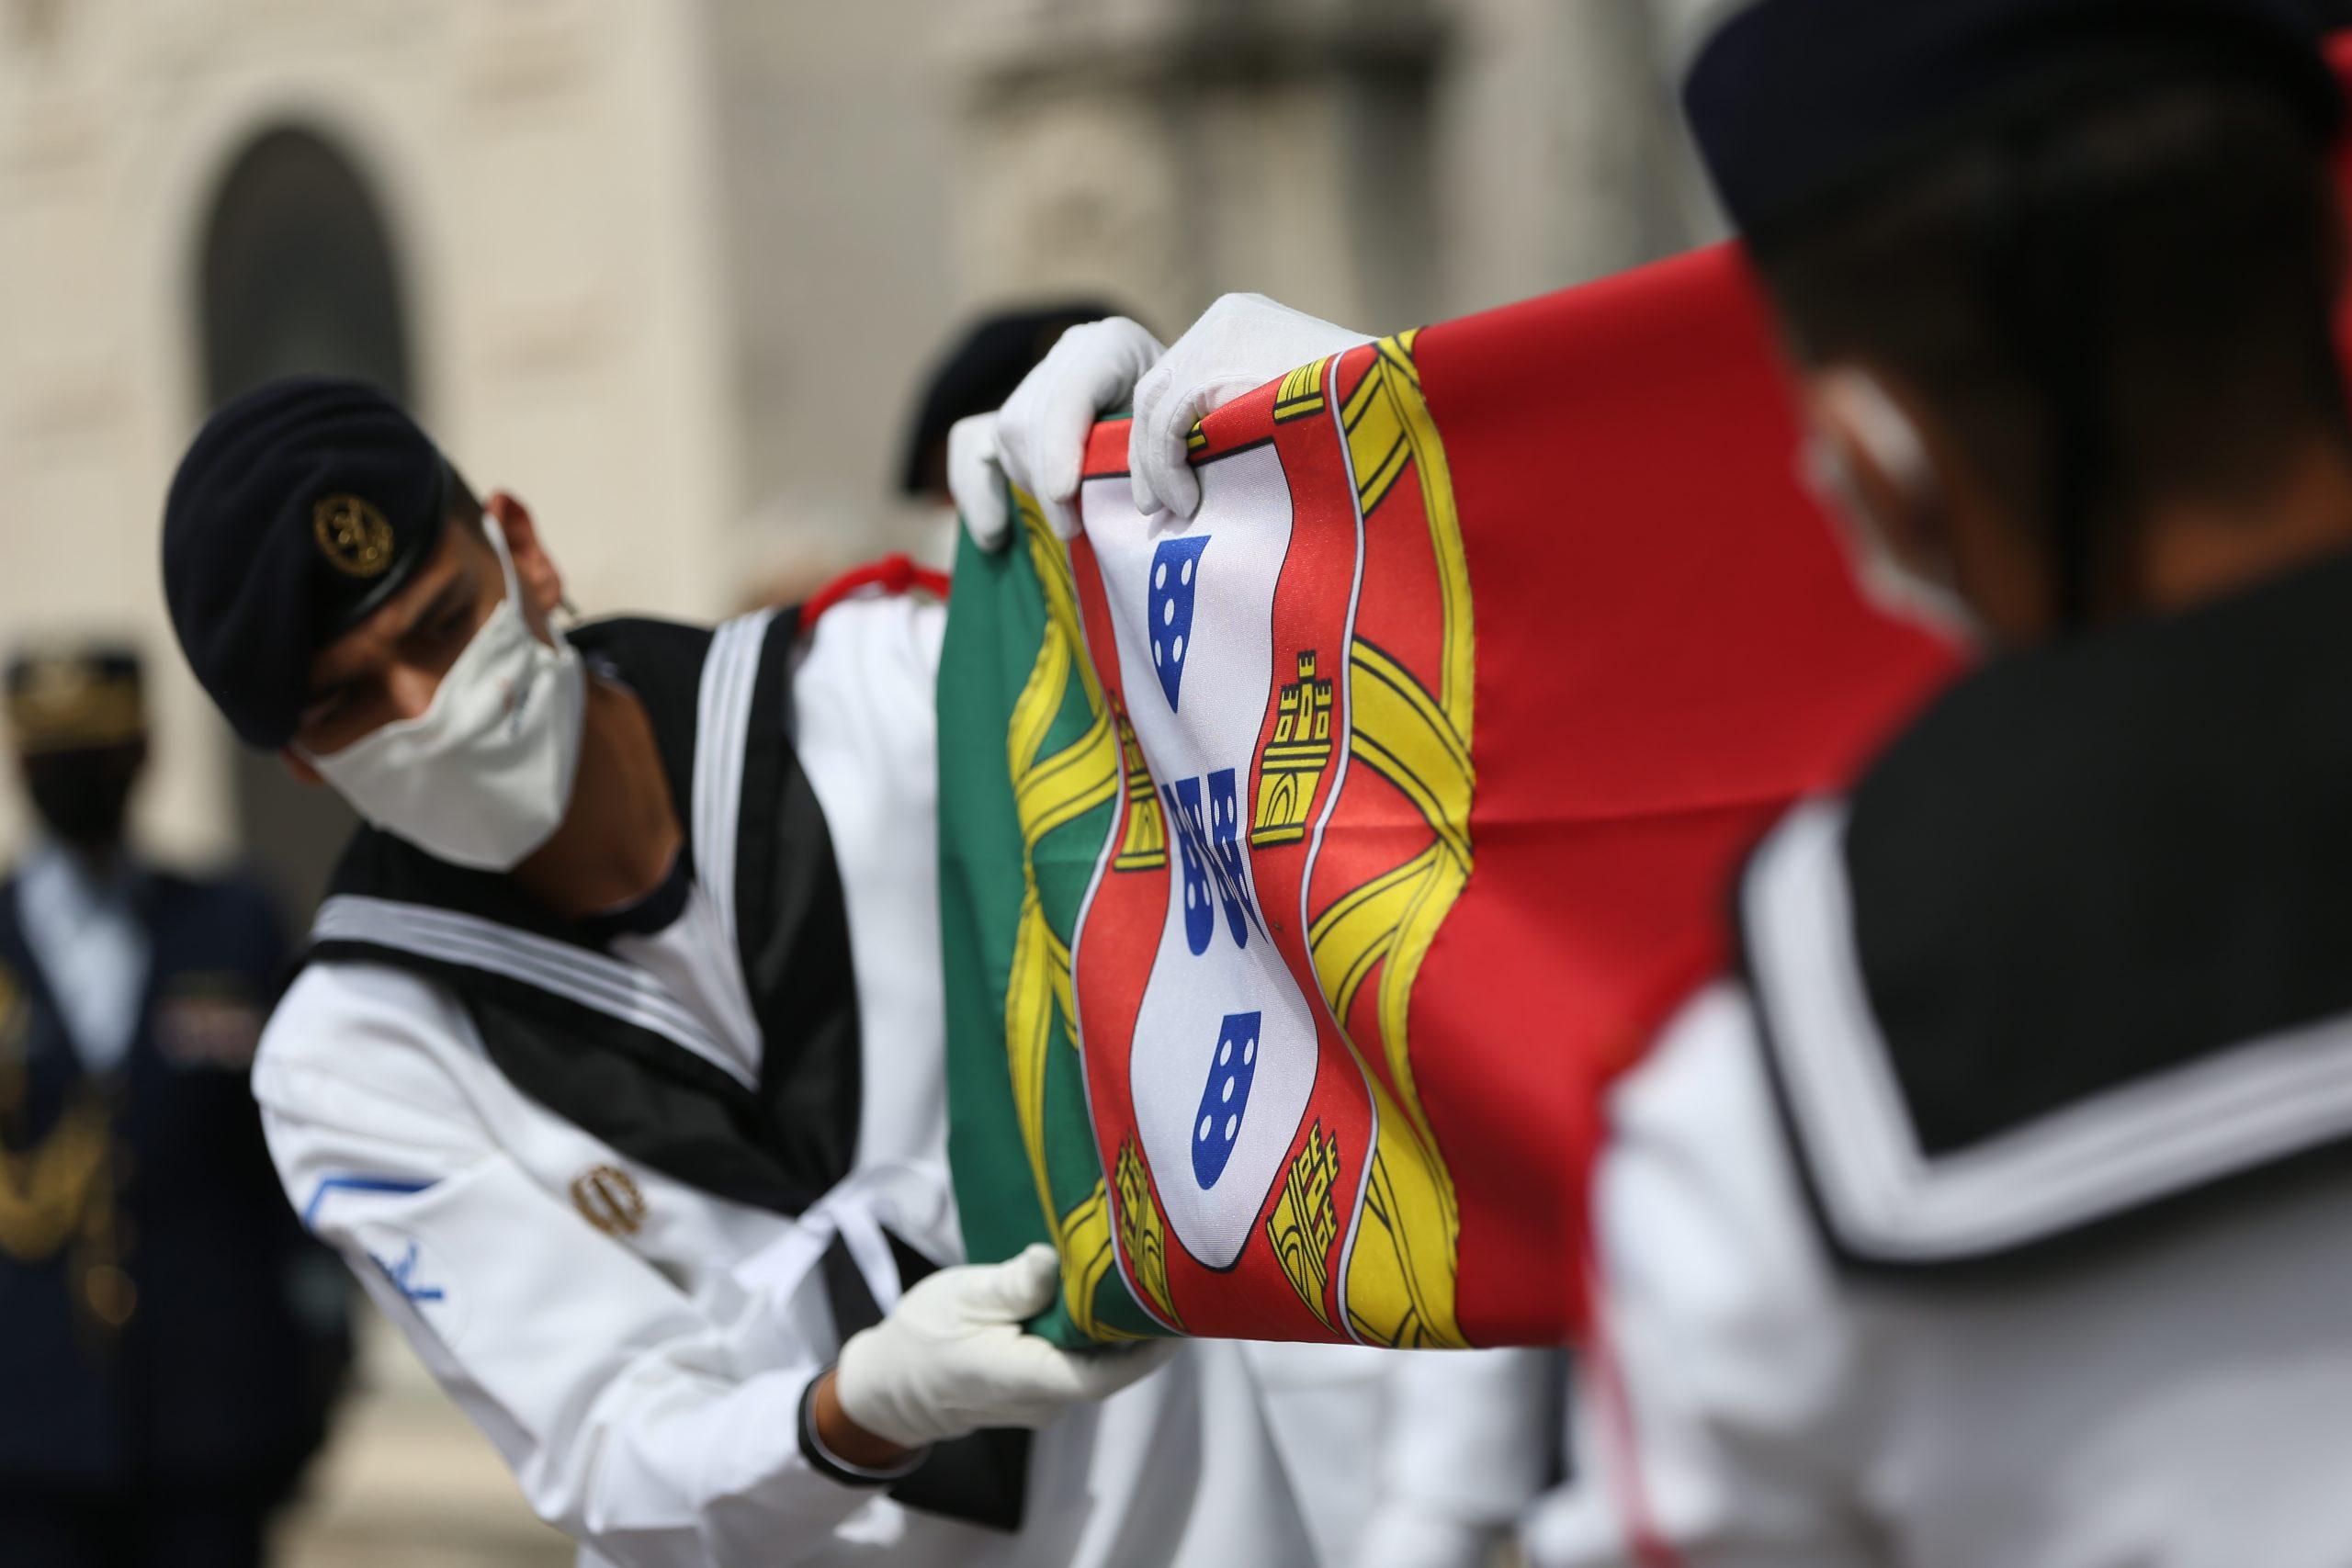 Guard of honour folding the national flag during the funeral service for the late Portuguese President Jorge Sampaio at Alto de São João cemetery RODRIGO ANTUNES/LUSA